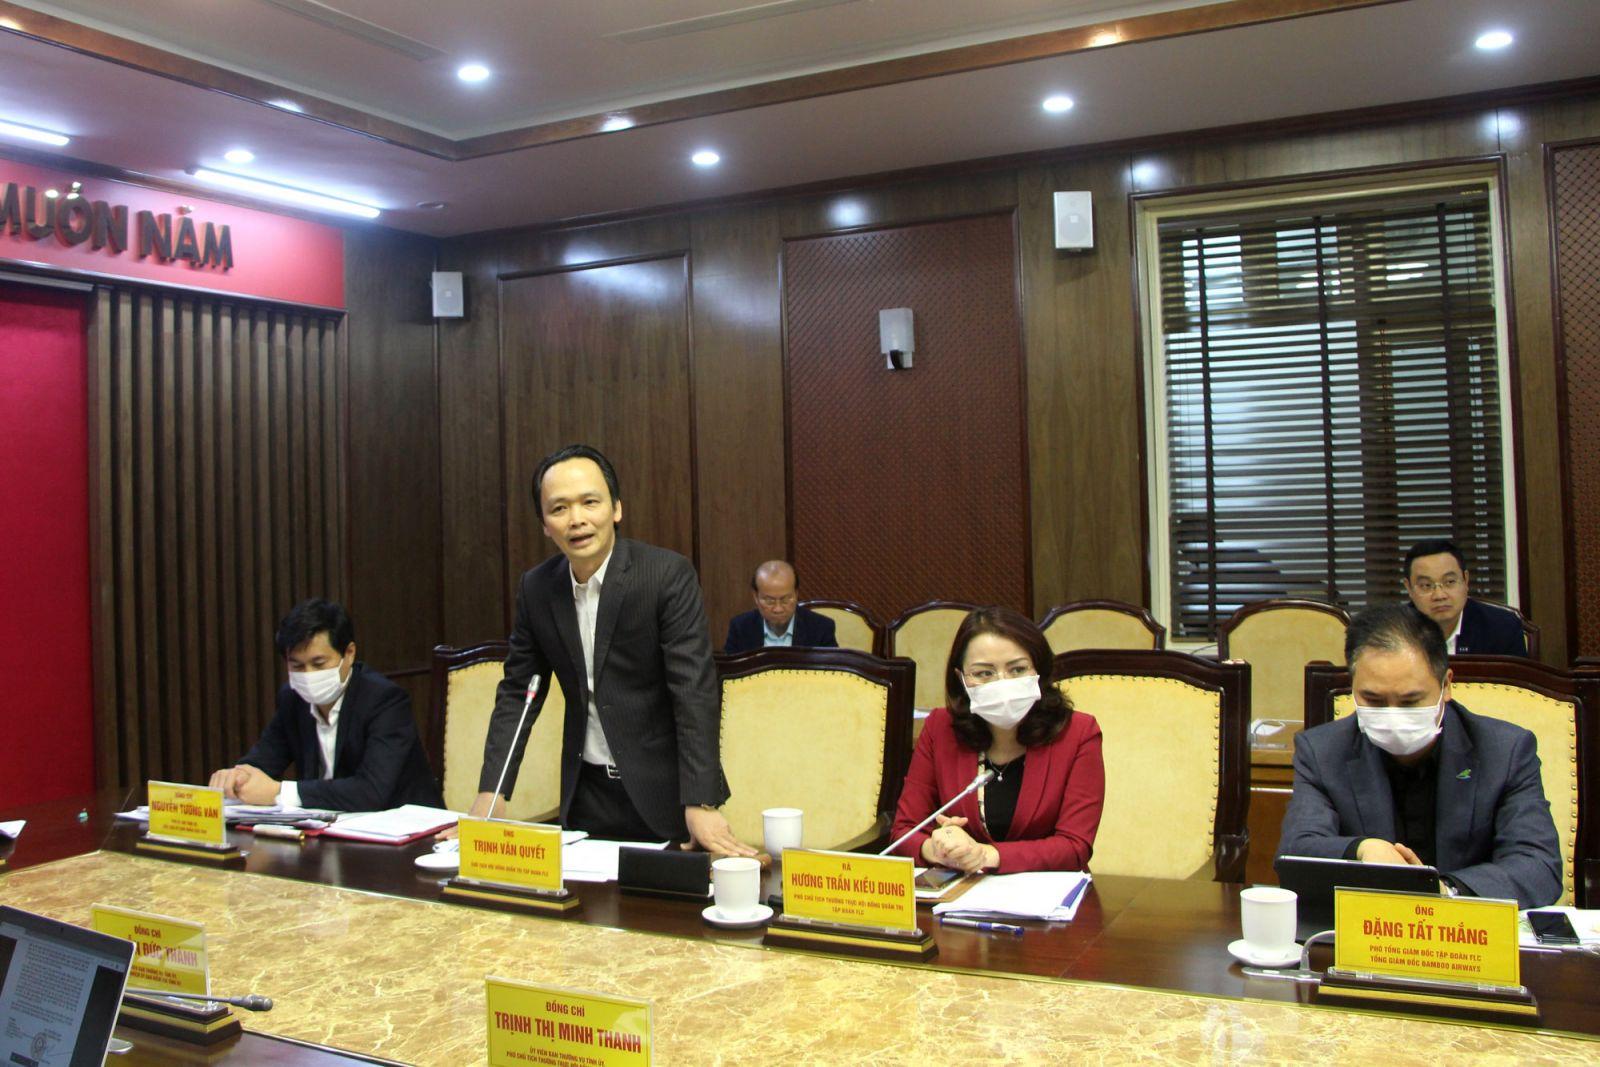 Đại diện Tập đoàn FLC báo cáo tình hình triển khai các dự án.